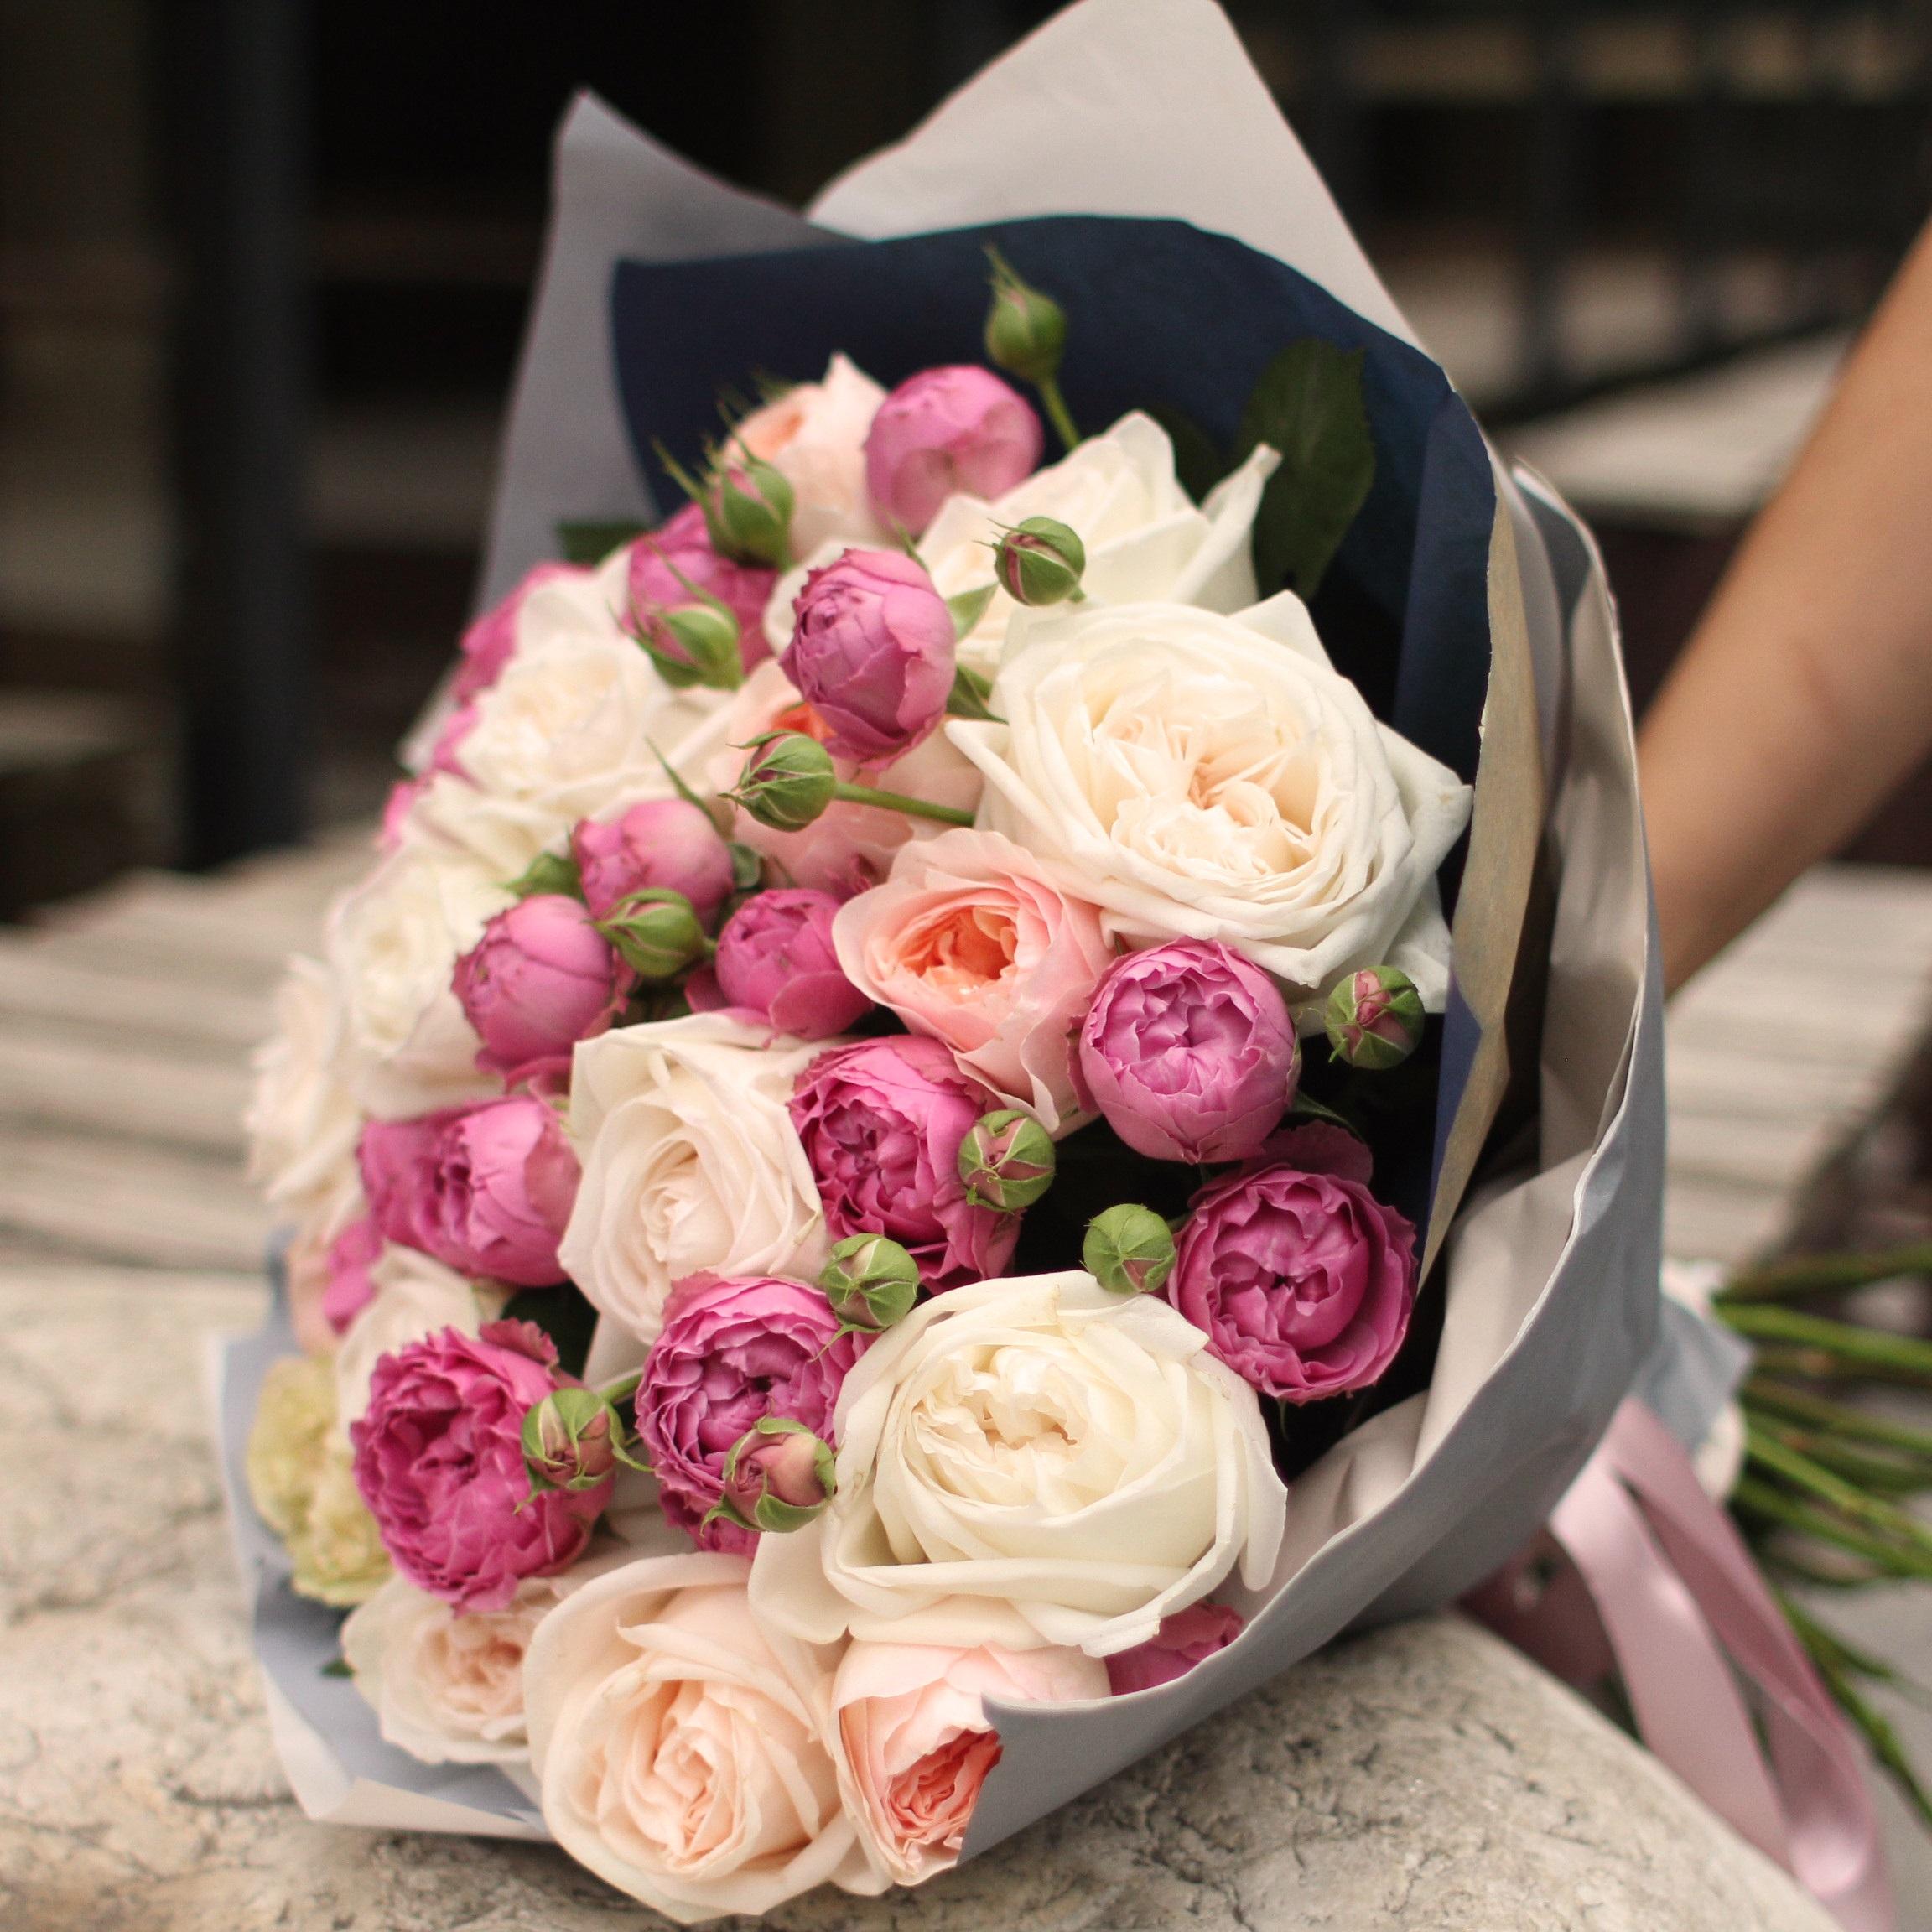 Ростов дону доставка цветов